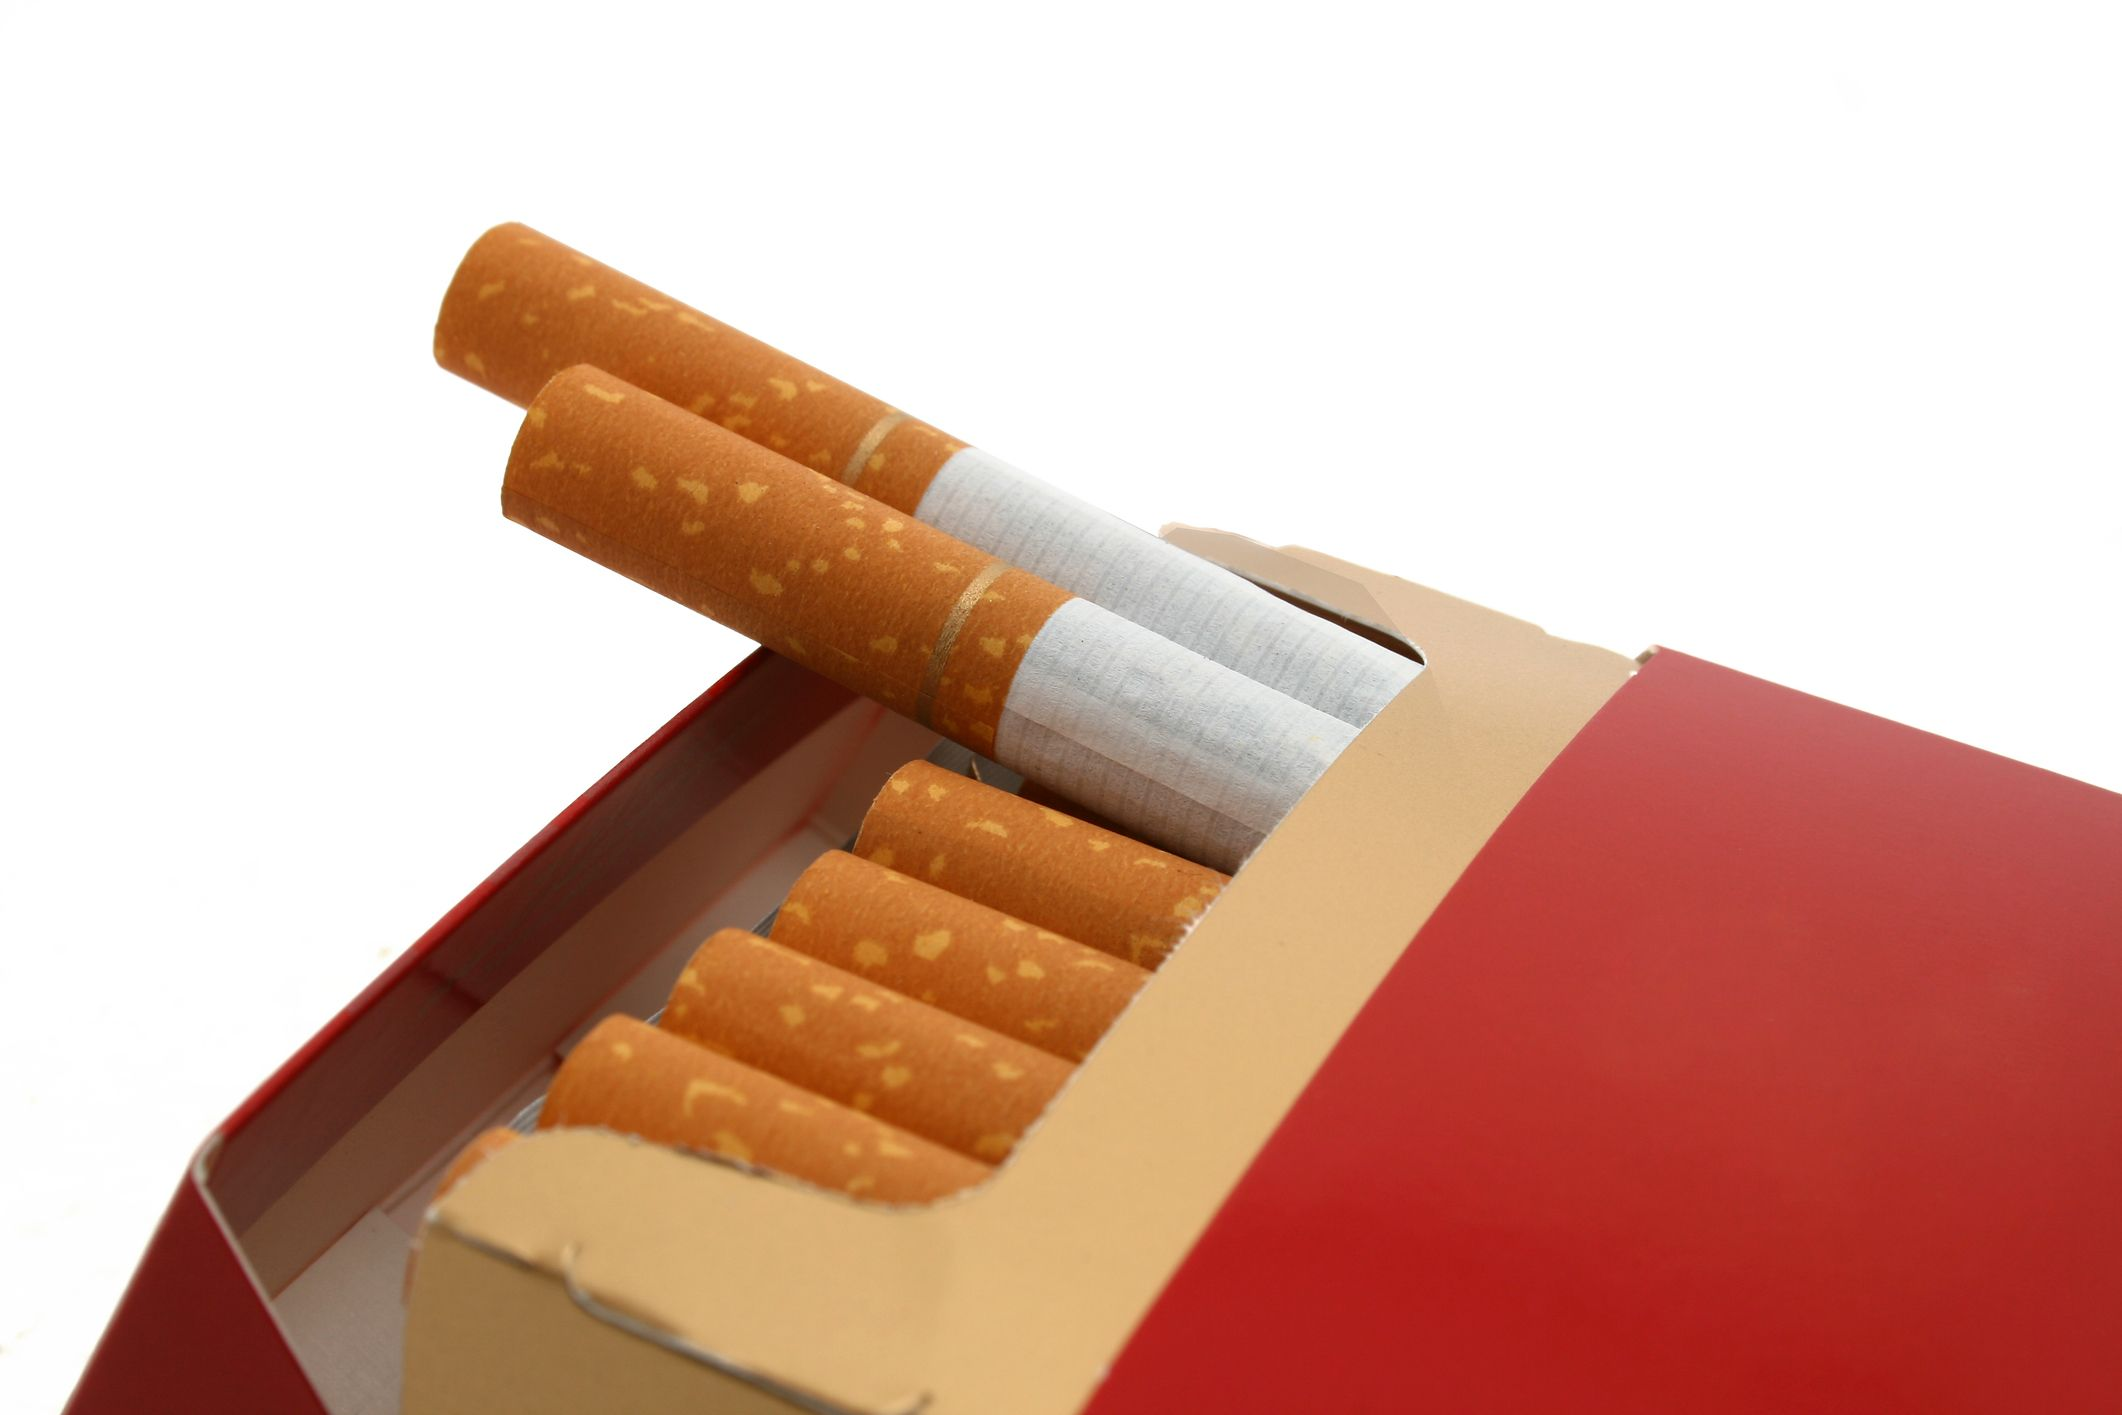 Magyarországra is elér a drasztikus cigiáremelés? - A franciáknál már luxuscikk